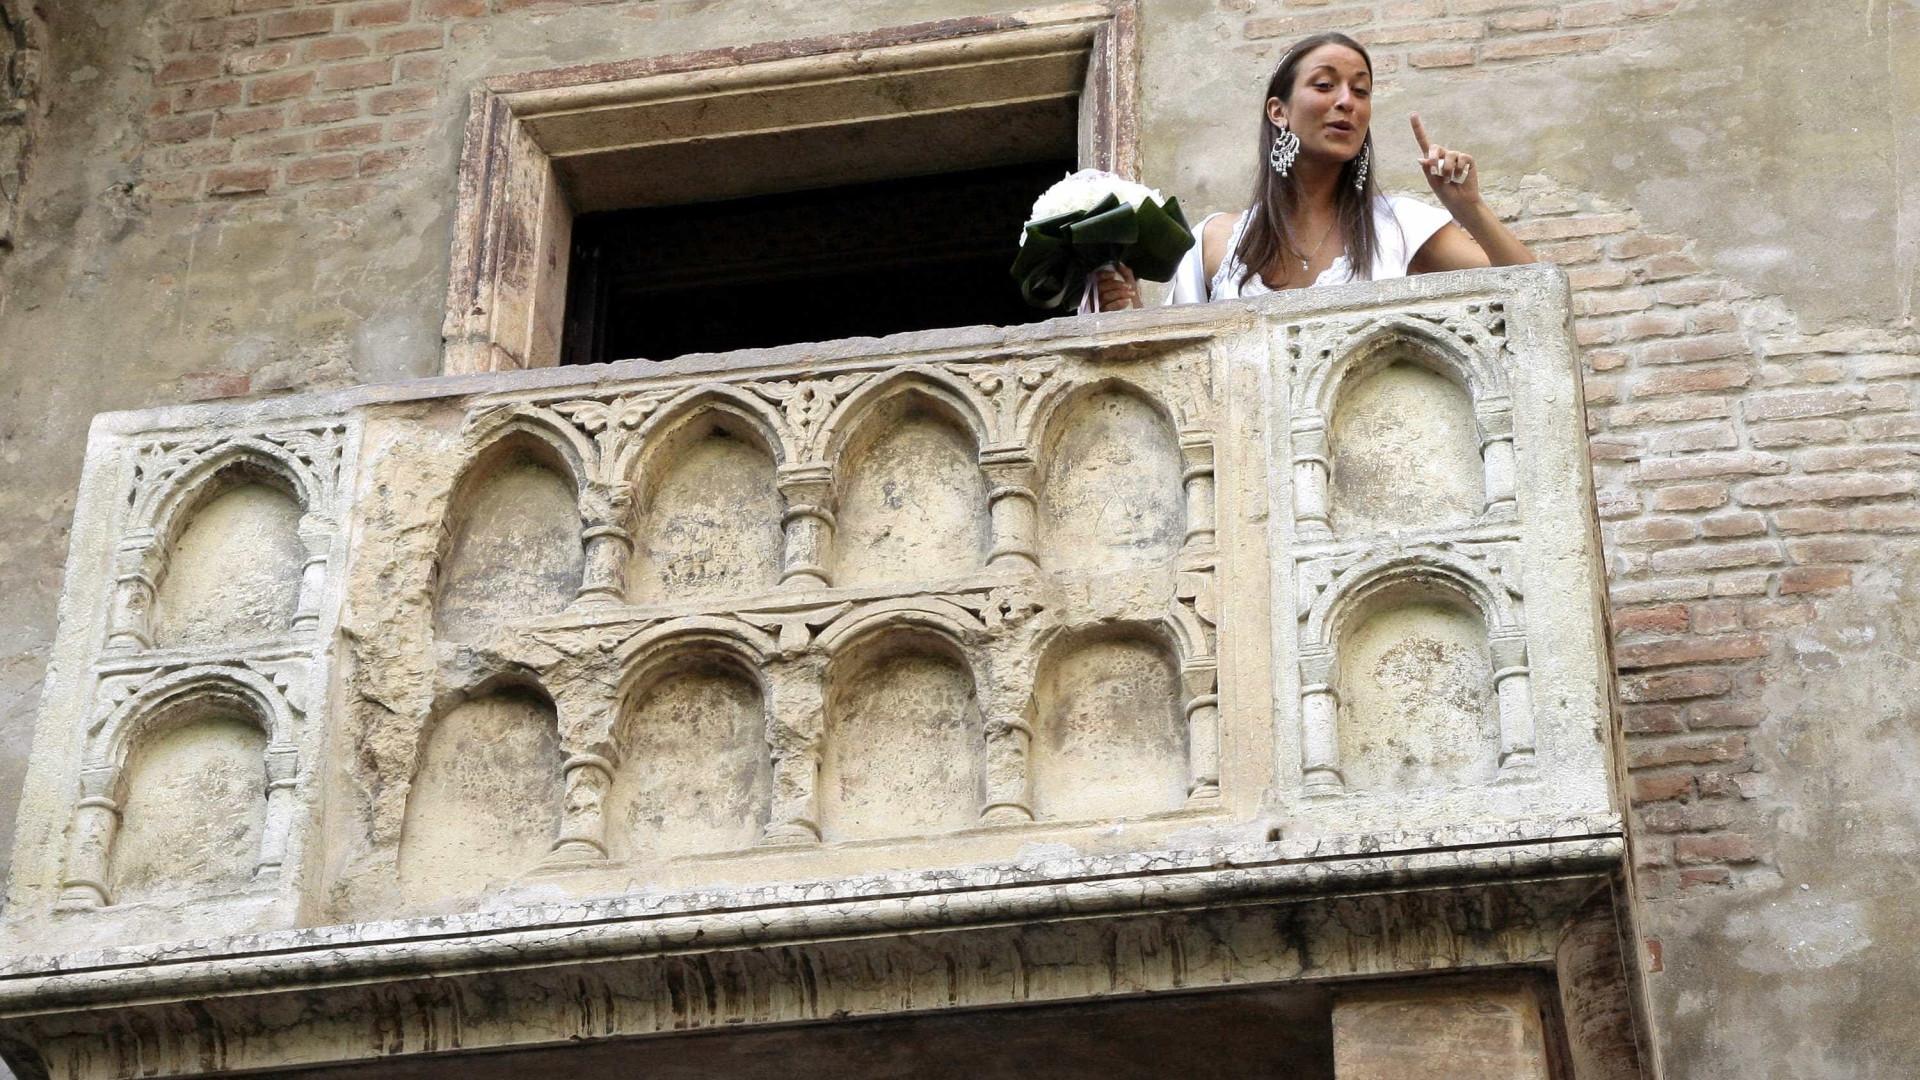 Carta de amor de brasileira é premiada por museu na Itália